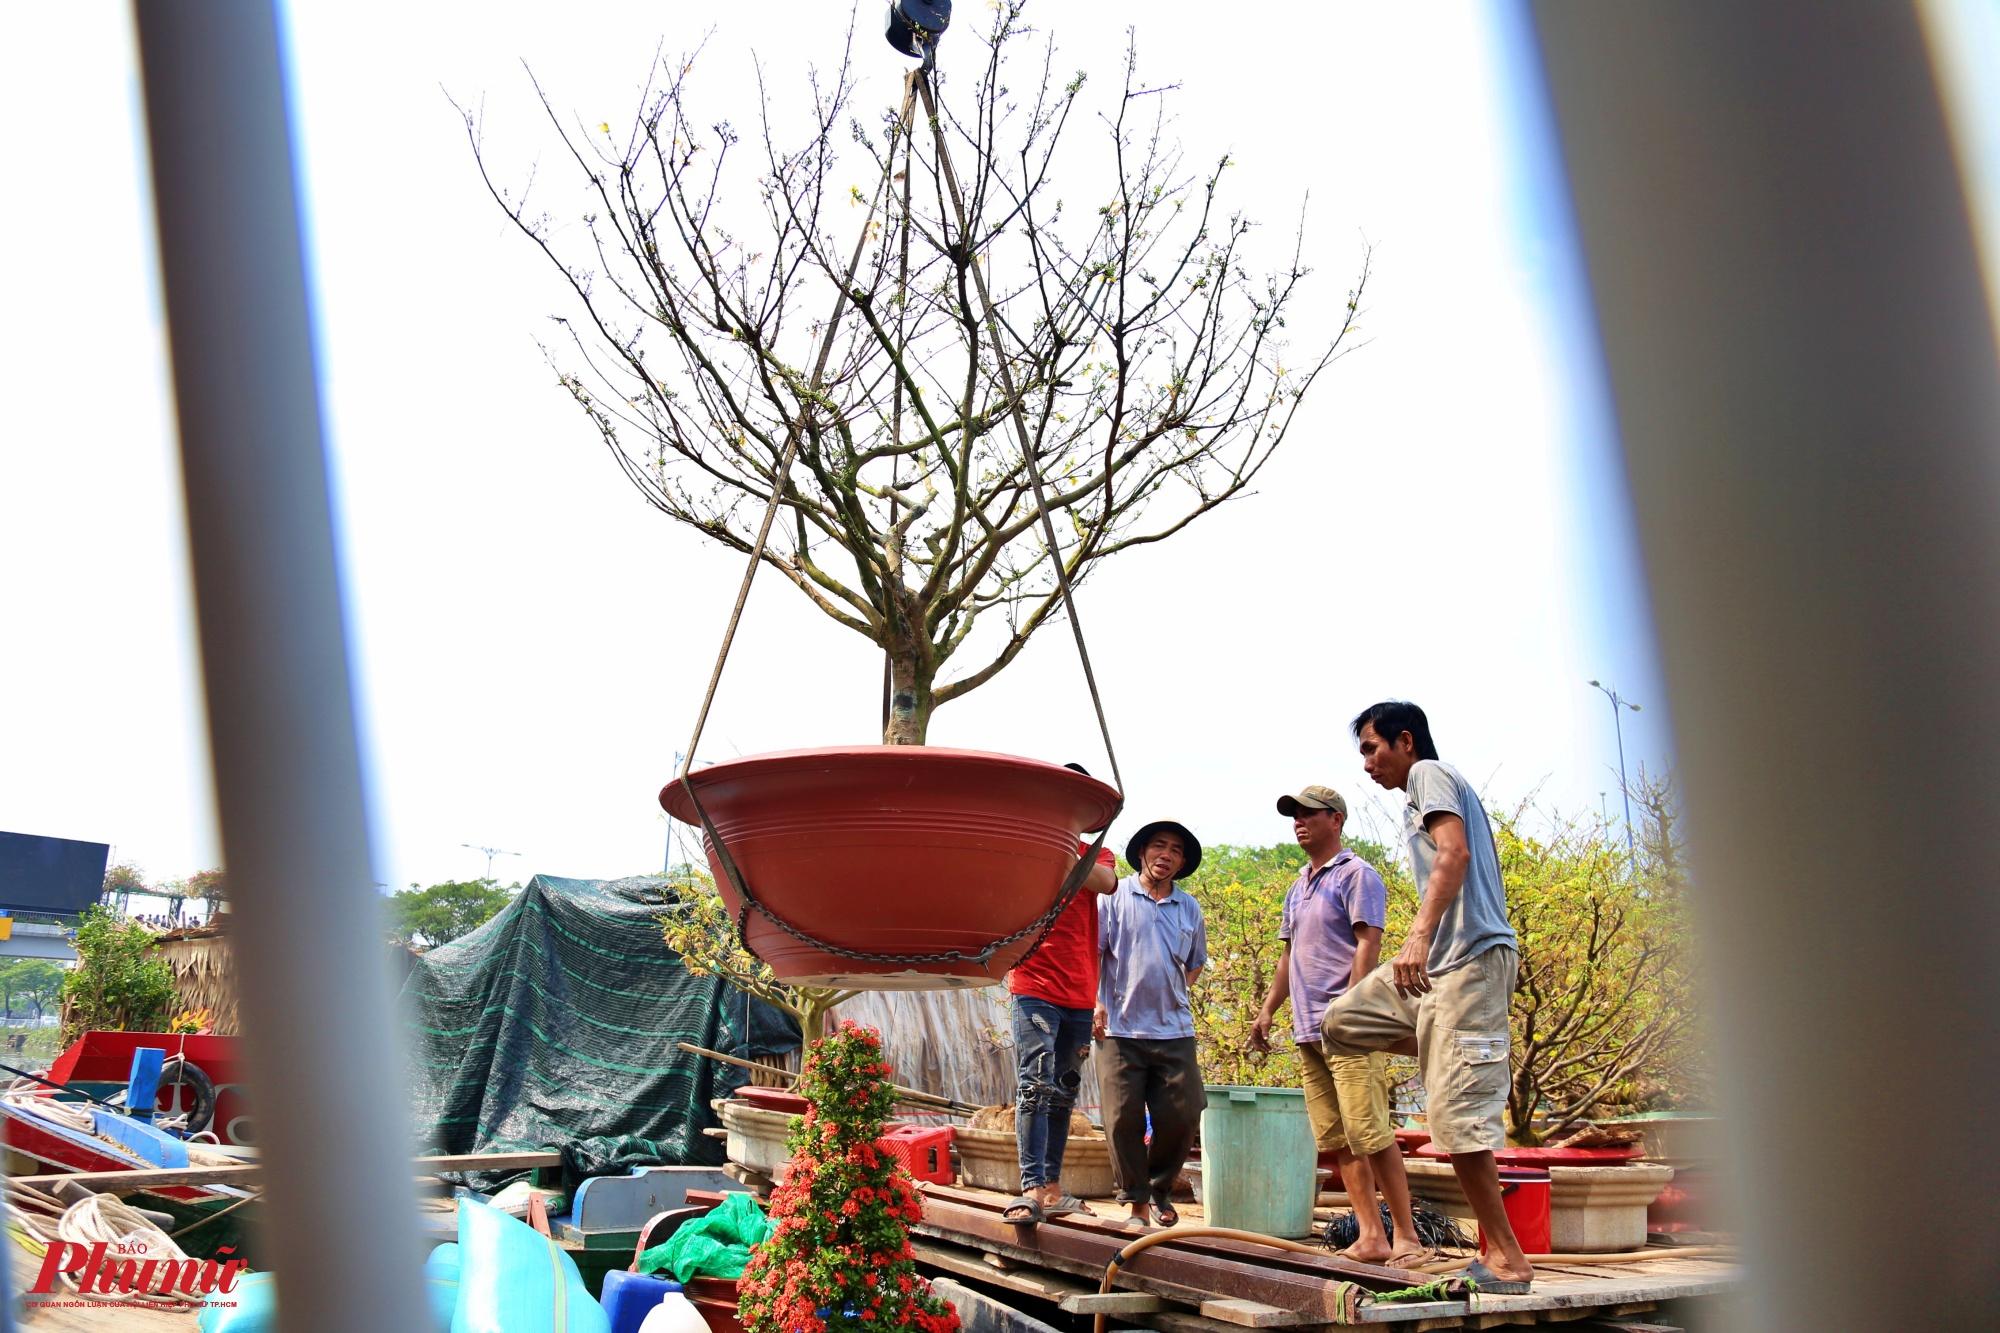 Niềm vui ngày Tết khi mua được những cây hoa ưng ý. Người Sài Gòn nói riêng và người Việt Nam nói chung hay có sở thích đi dạo chợ hoa trong những ngày cận Tết, sắm cho mình những chậu kiểng đẹp để về bày trong nhà.